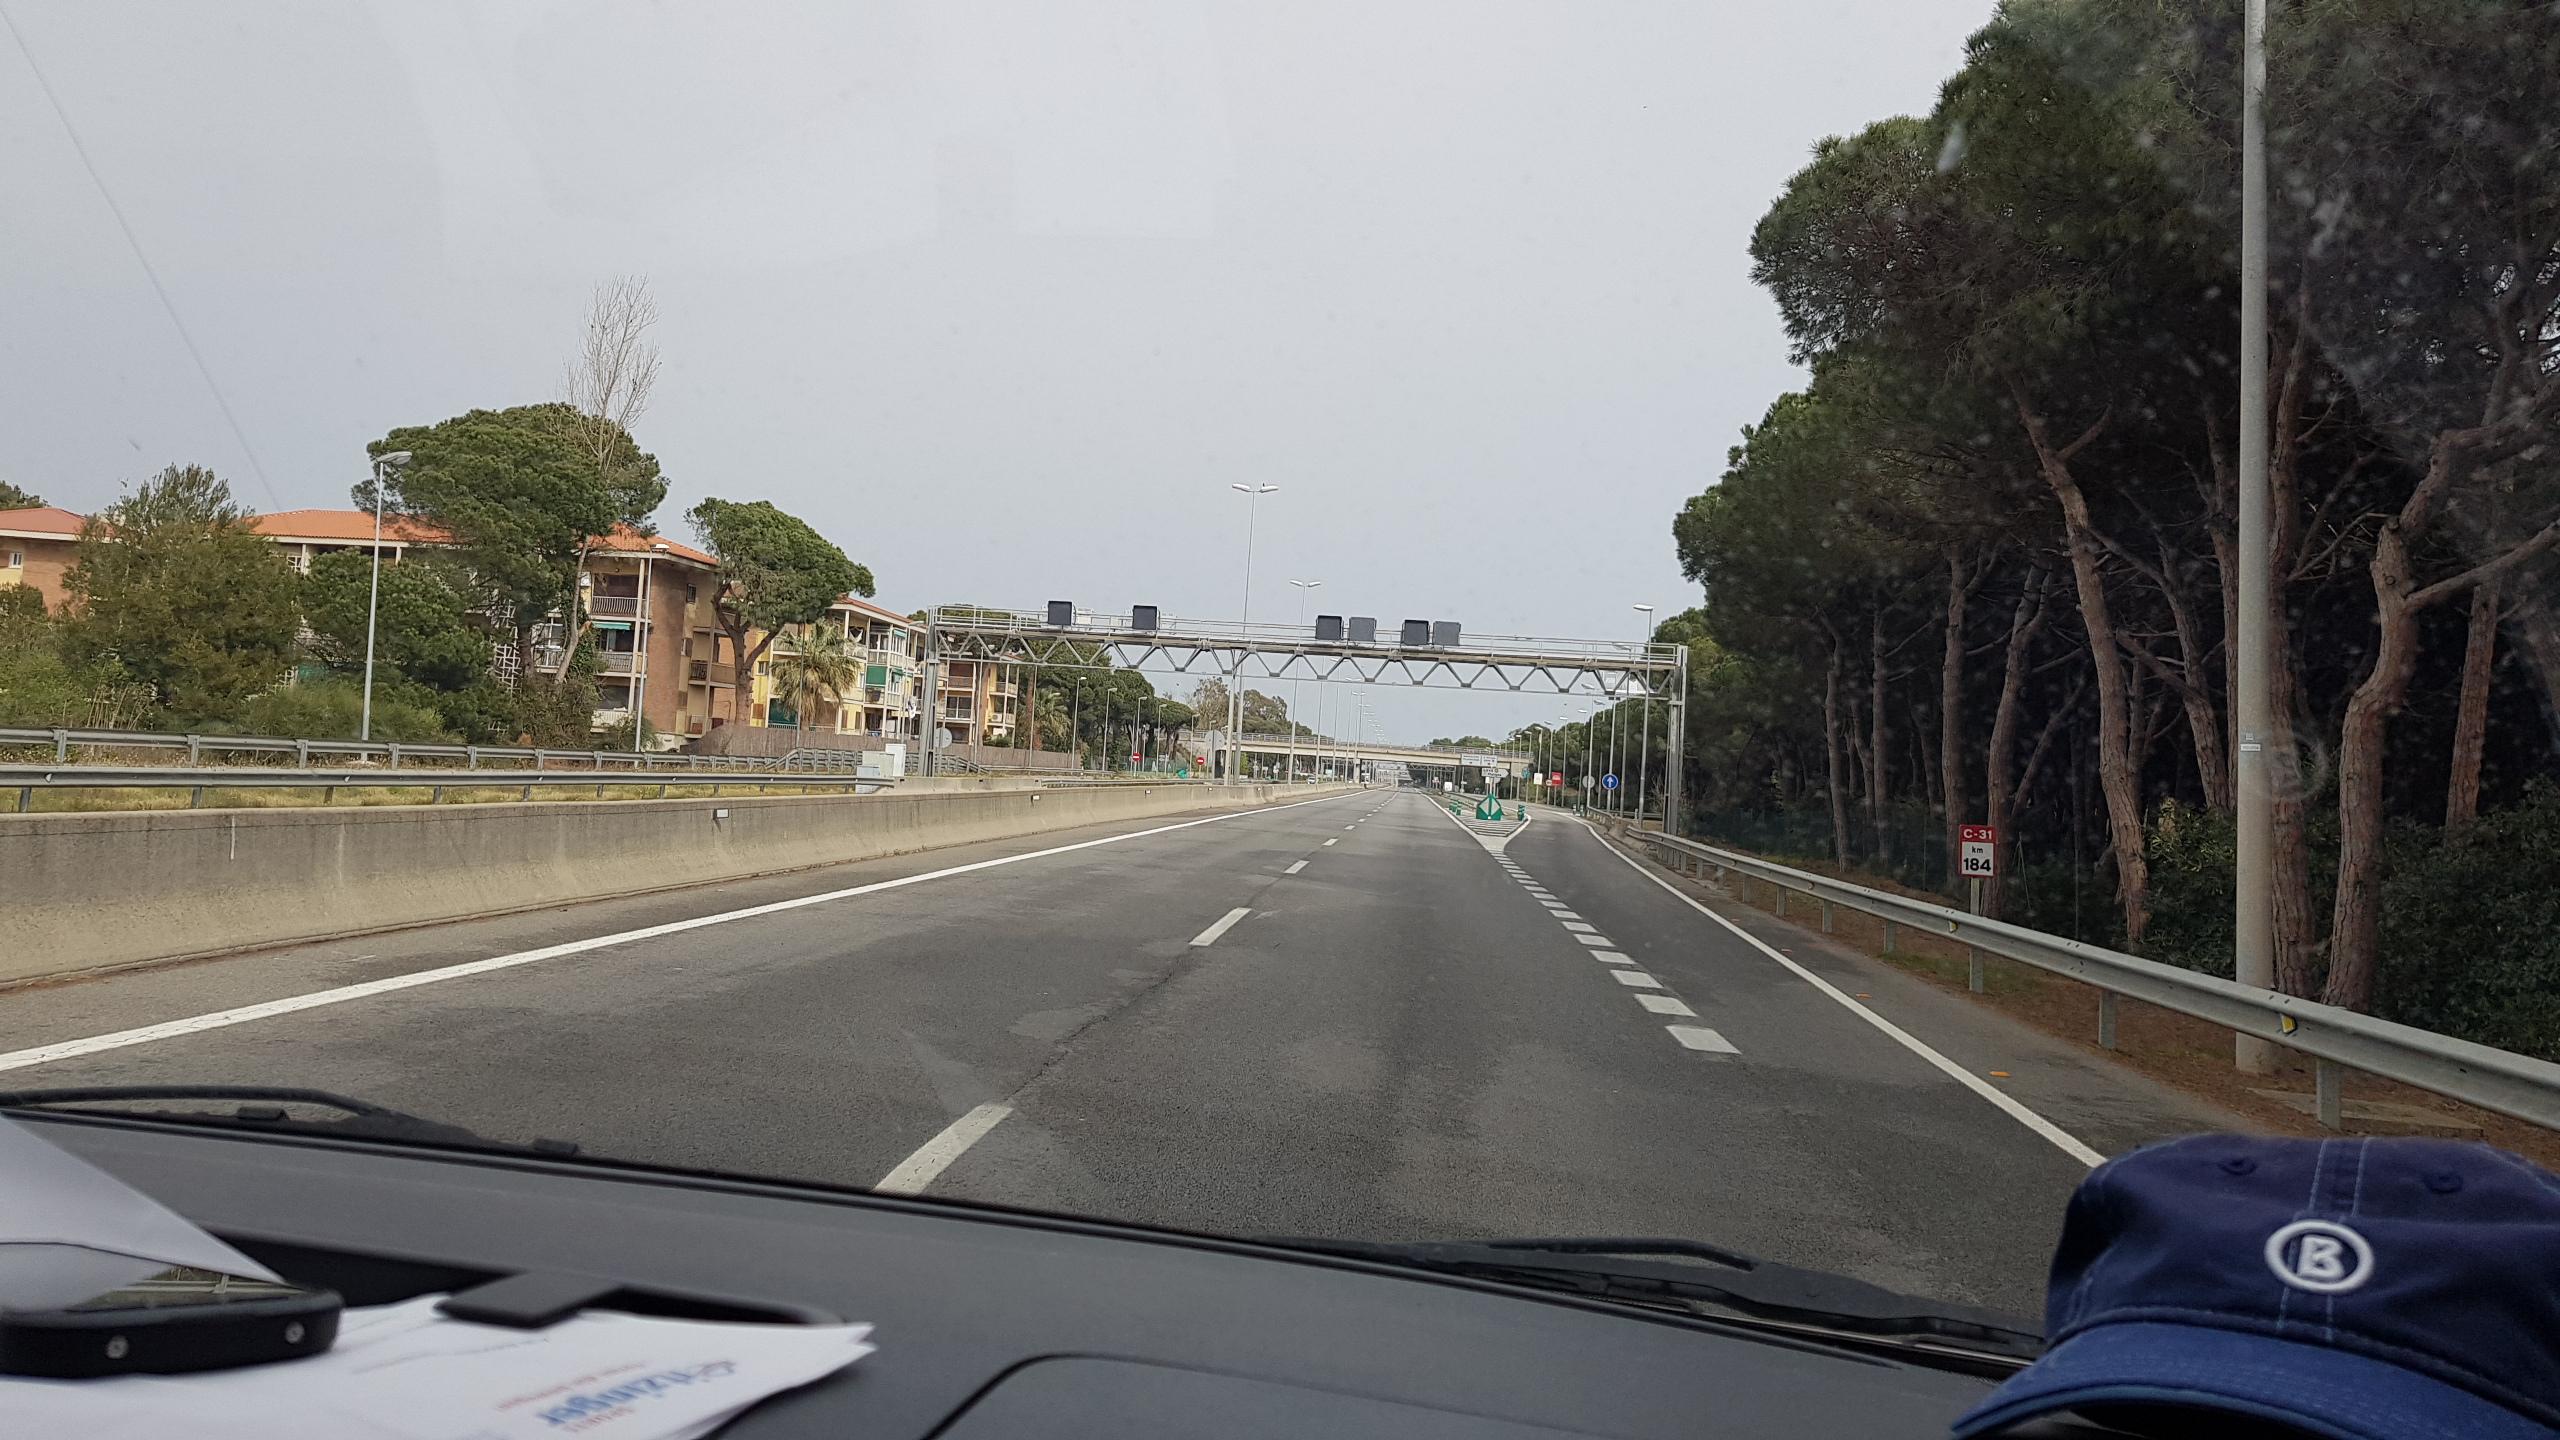 Flughafen-Autobahn in Barcelona